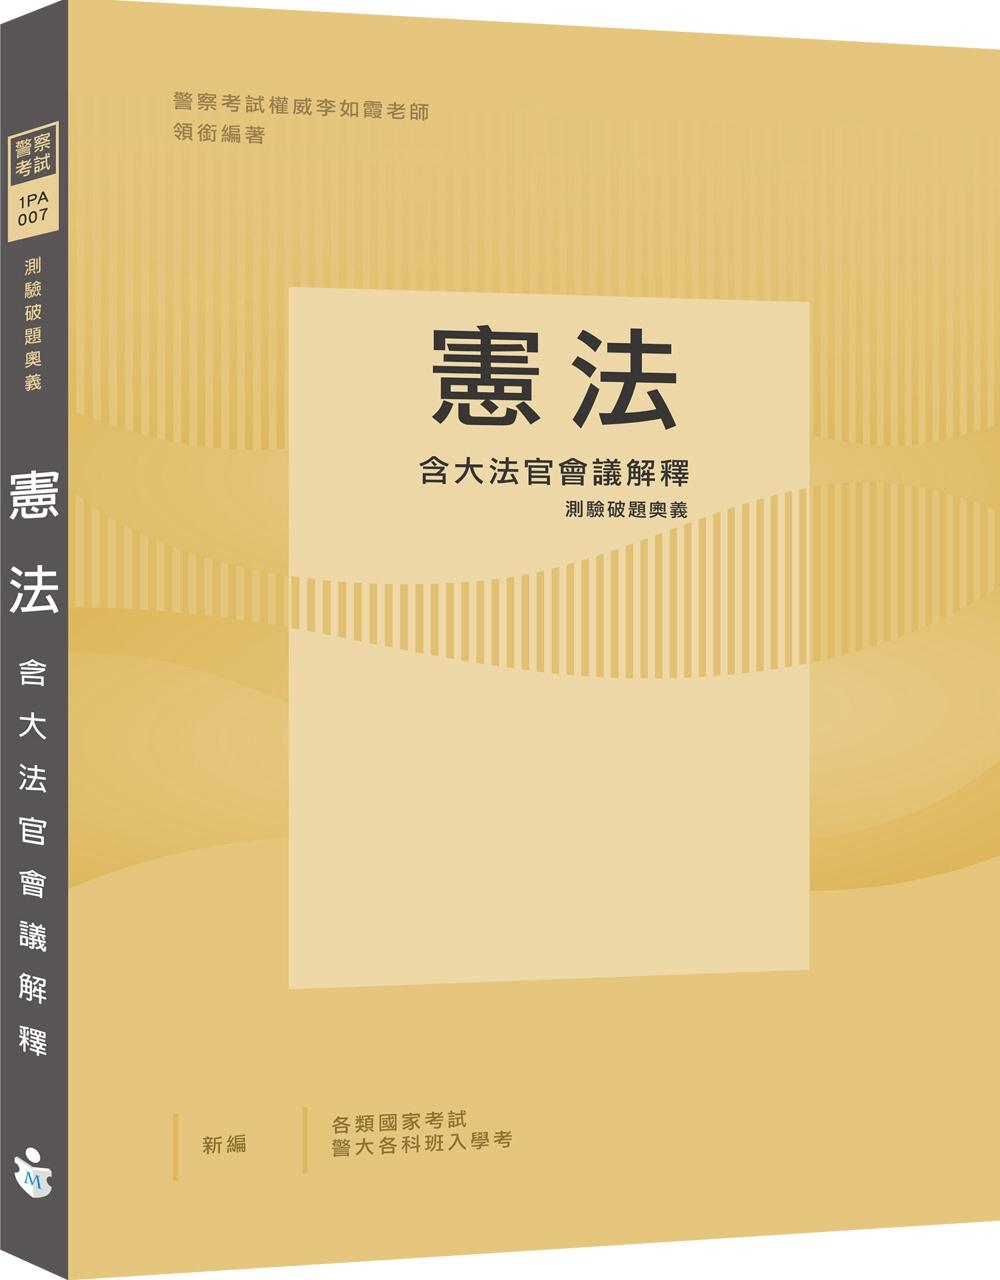 憲法(含大法官會議解釋)測驗破題奧義